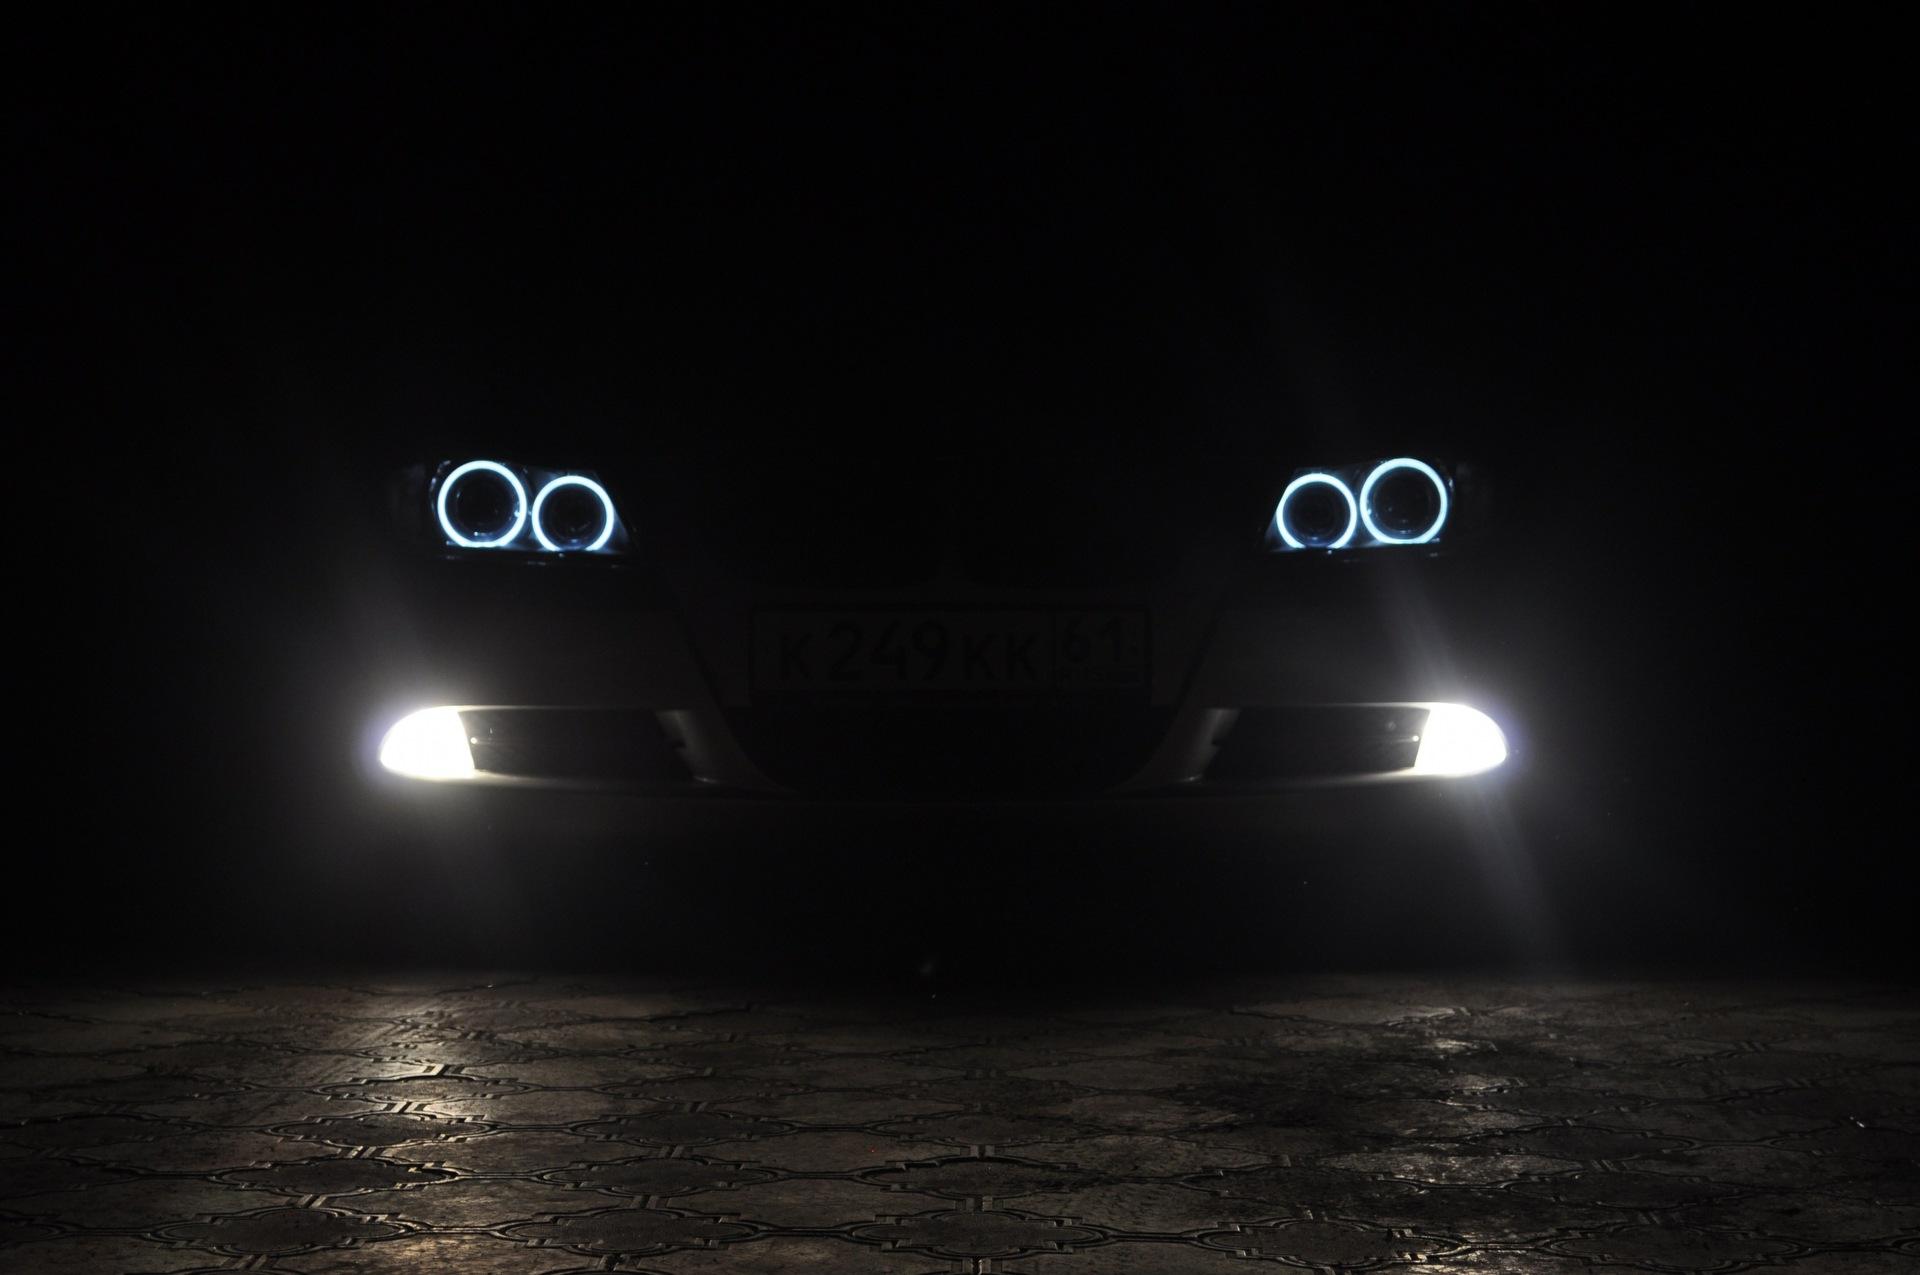 Фото бмв фары ночью